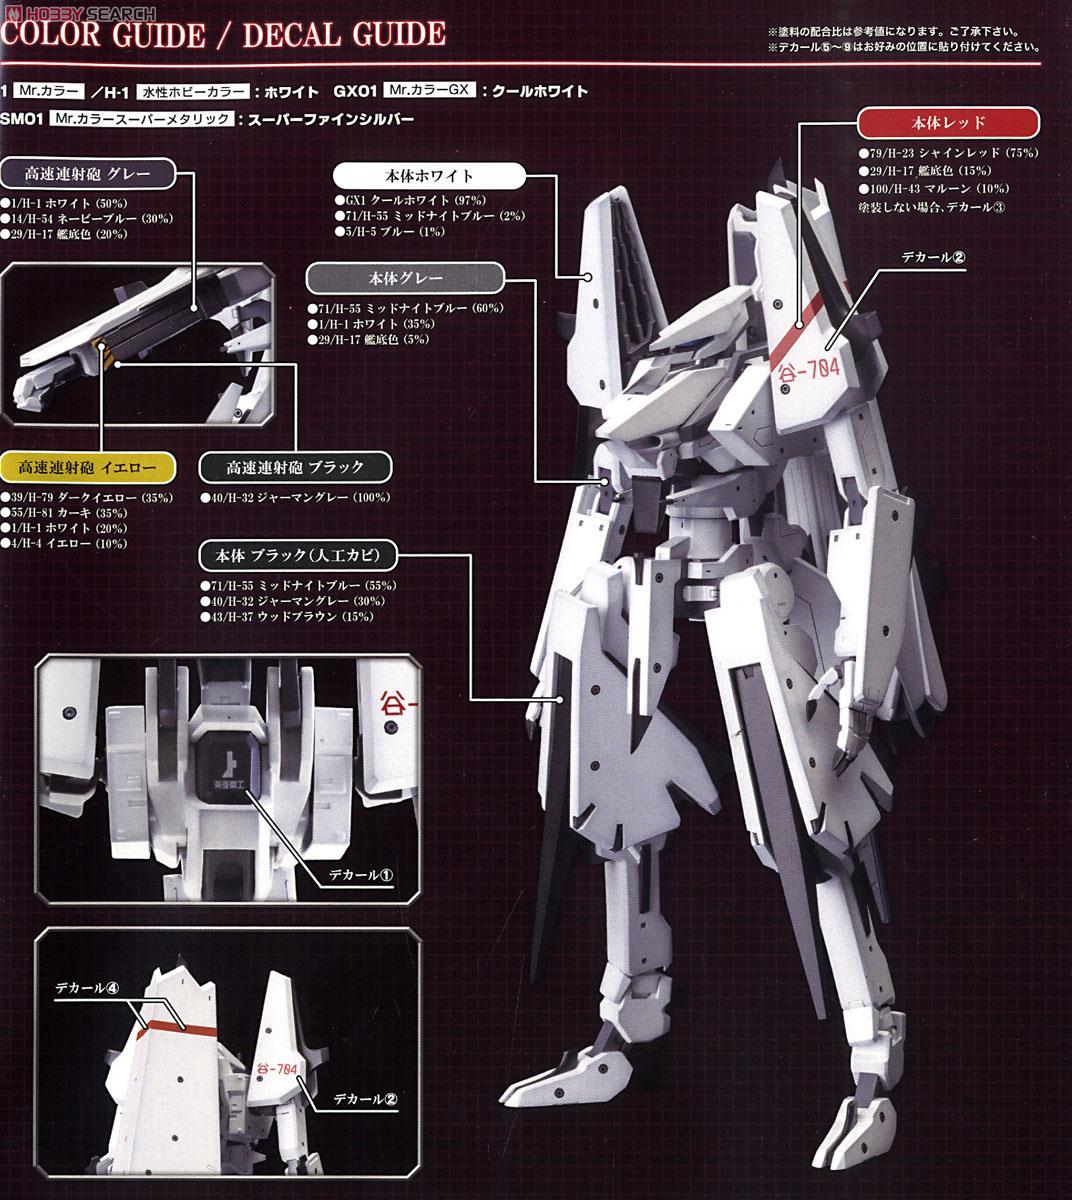 【再販】シドニアの騎士『一七式衛人 継衛改二』1/100 プラモデル-026